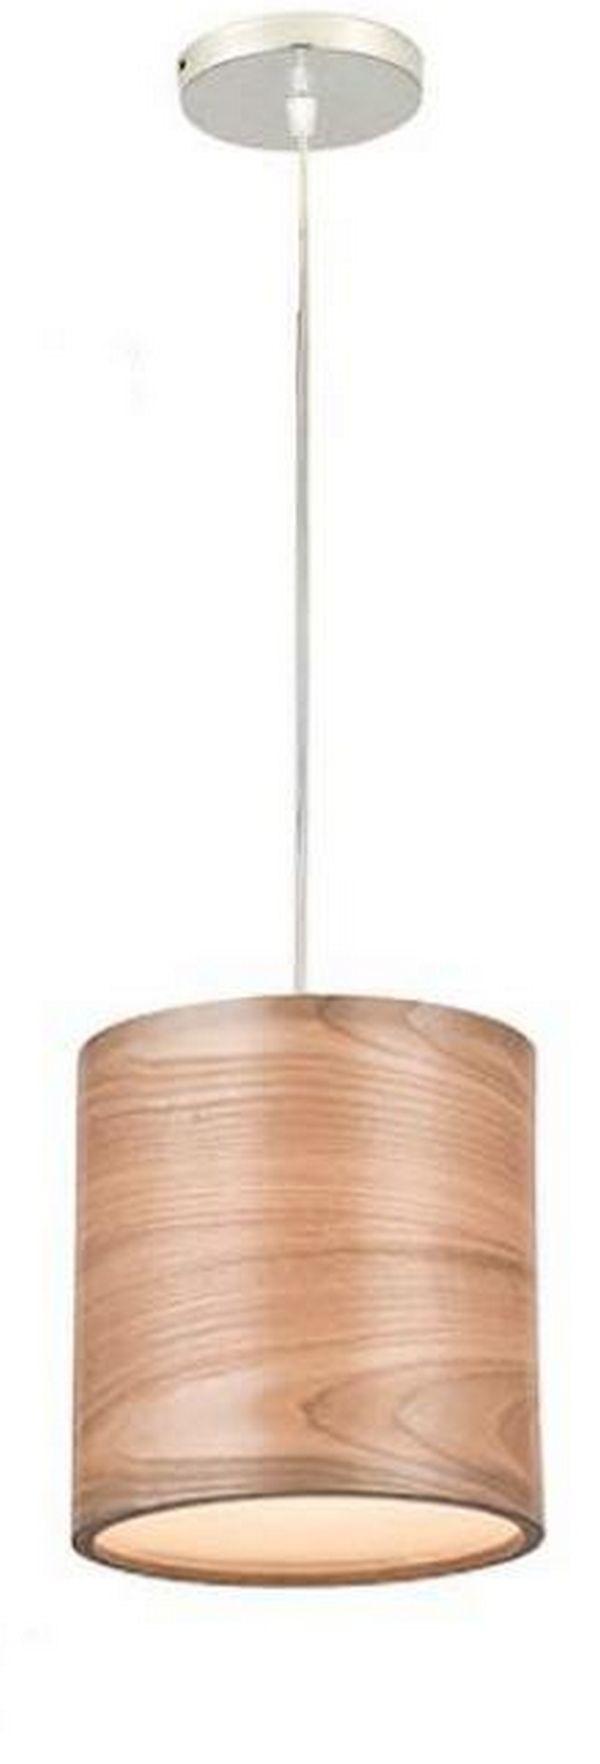 Немецкие люстры и светильники для кухни 8